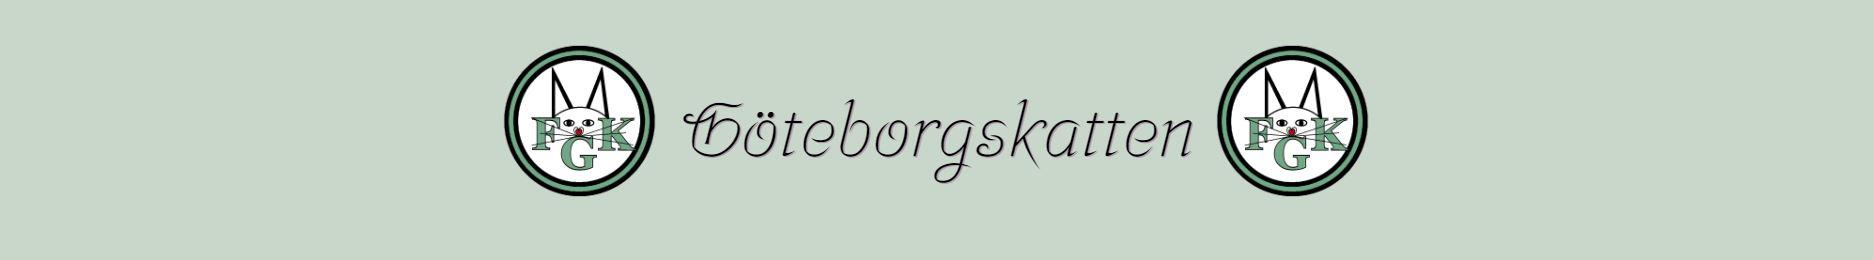 Göteborgskatten